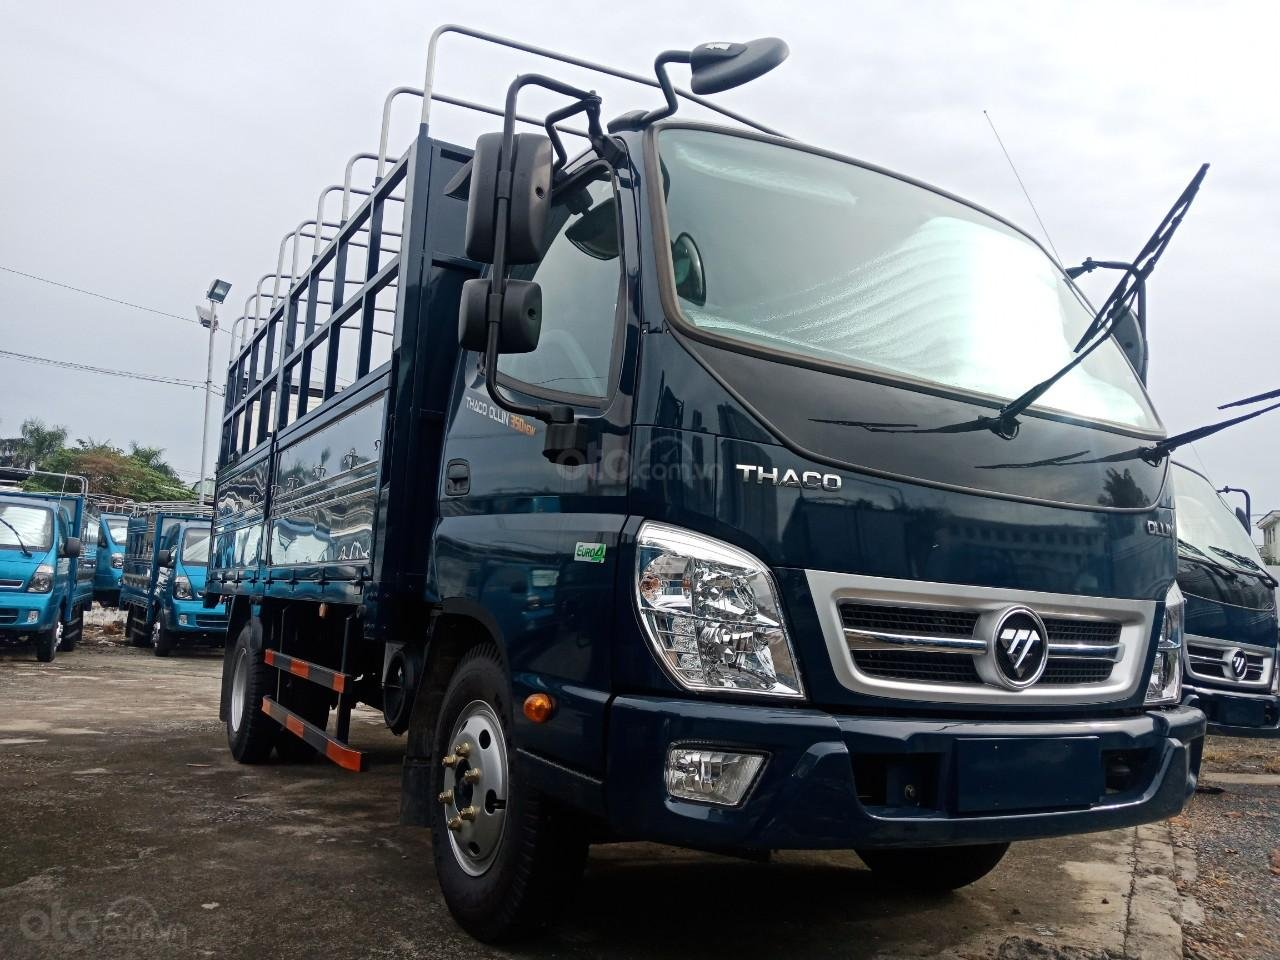 Cần bán xe tải 3,5T Ollin 350 vào thành phố giá tốt nhất Bình Dương, HCM- 0938 809 382 (1)